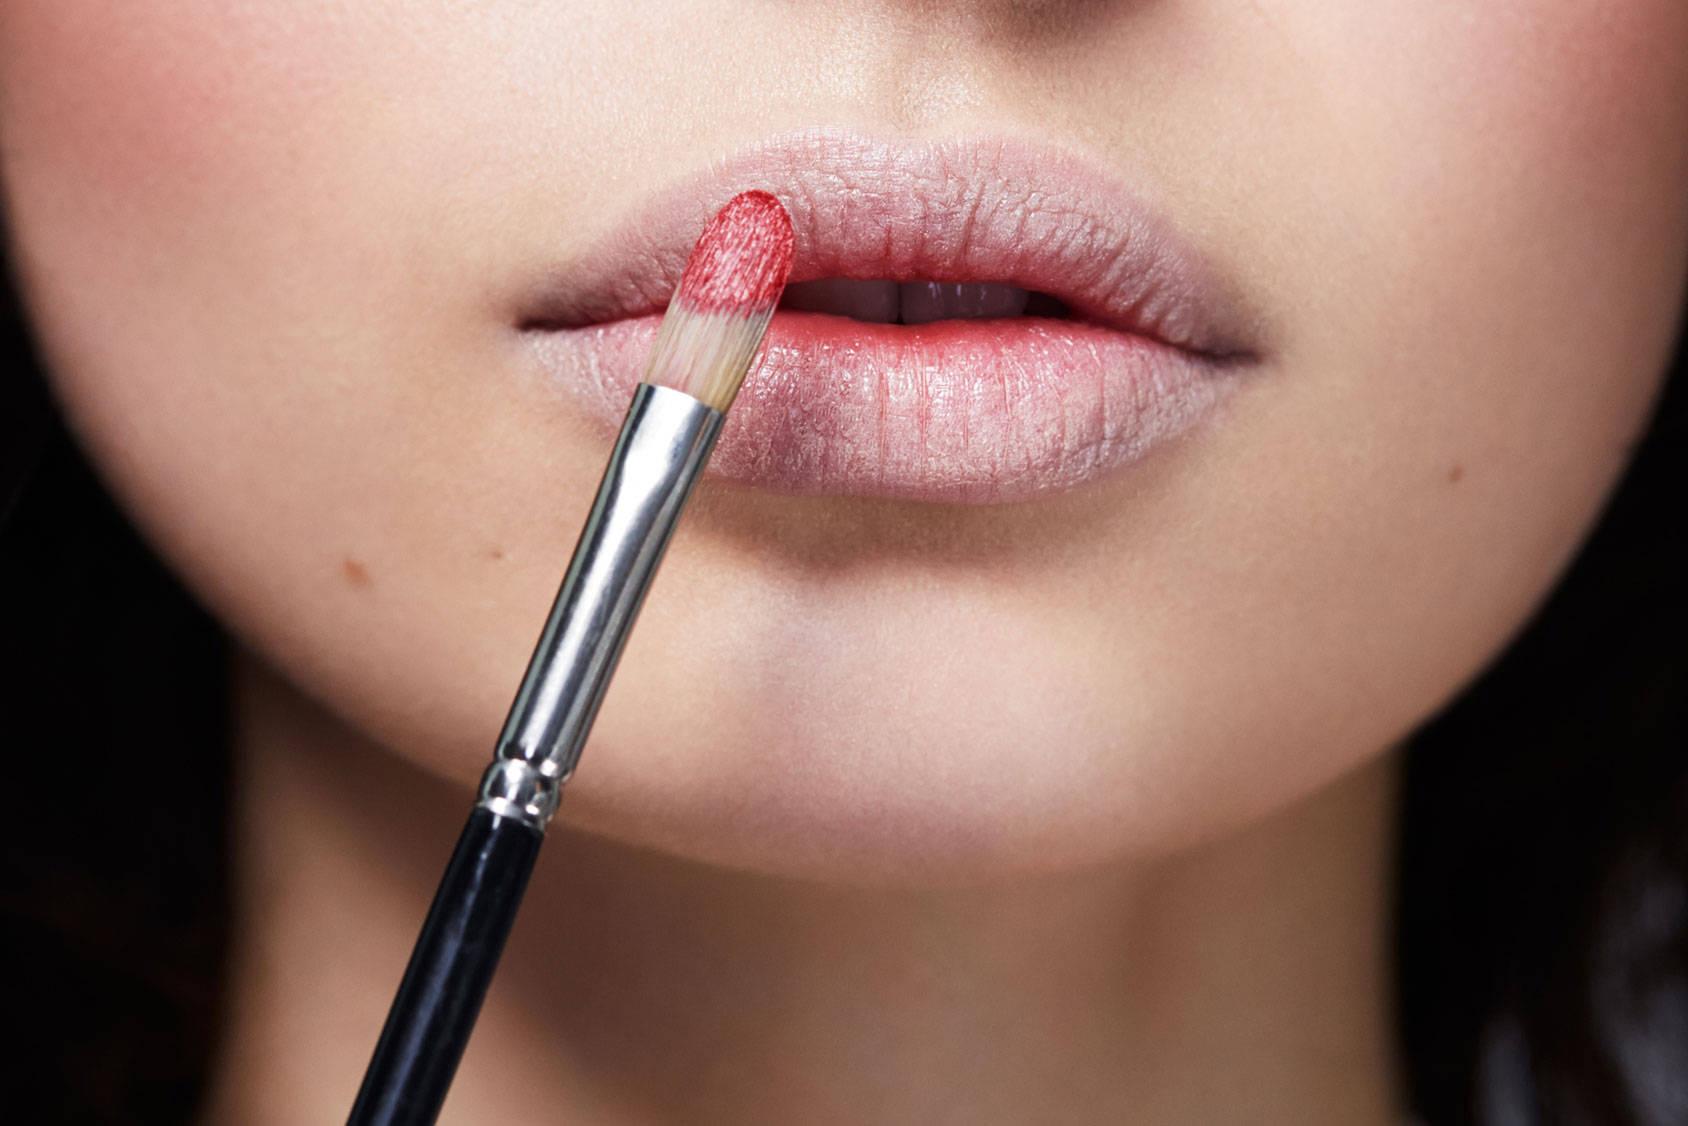 7 Kegunaan Concealer Yang Jenius Untuk Make Up Wajahmu Kawaii Kuas Lipstick Sikat Alis 3 Guna Menepuk Nepukkan